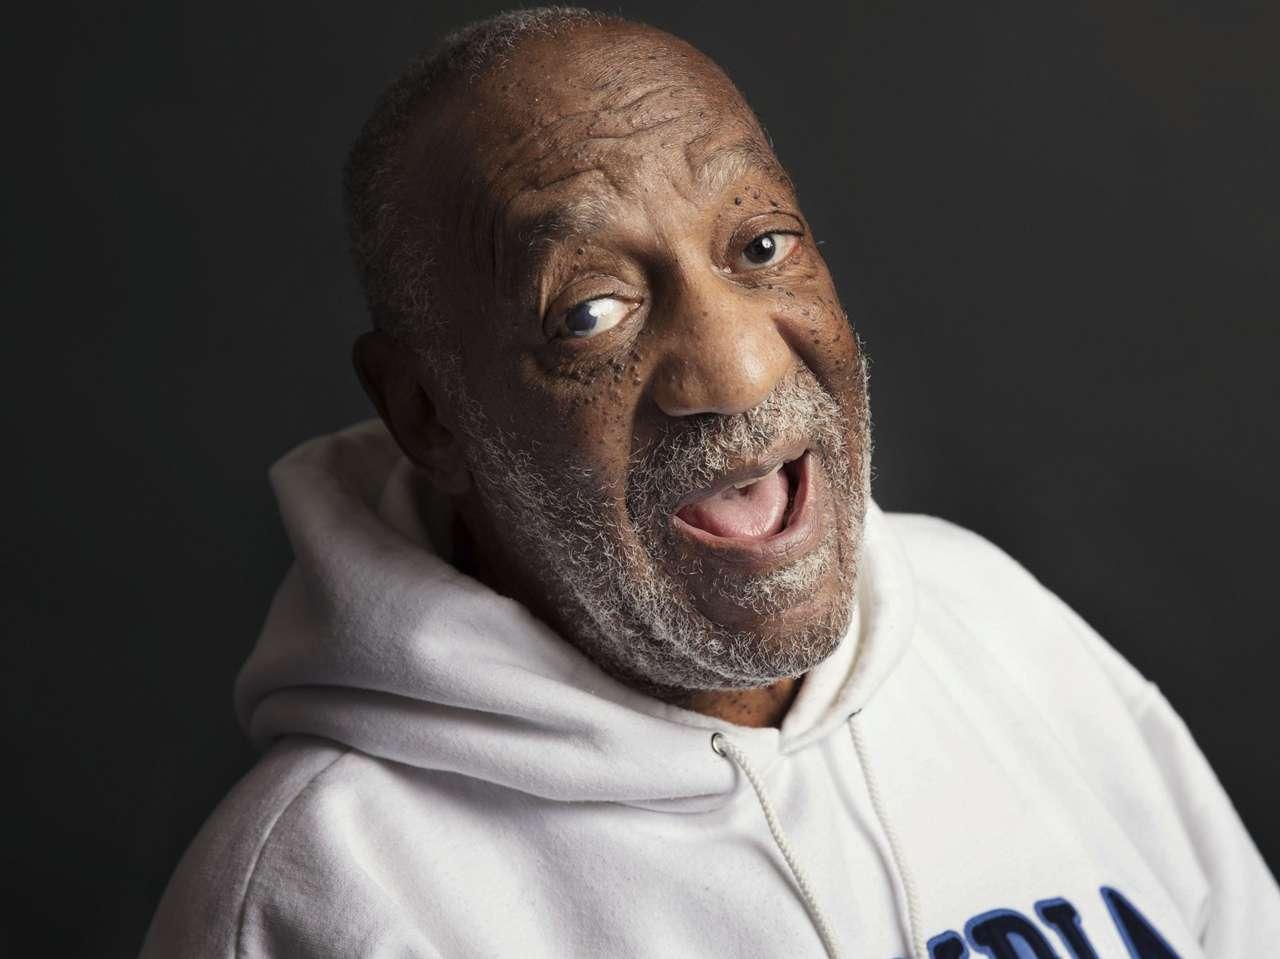 En medio del escándalo, Bill Cosby ofreció un show a beneficio de una organización civil Foto: AP en español